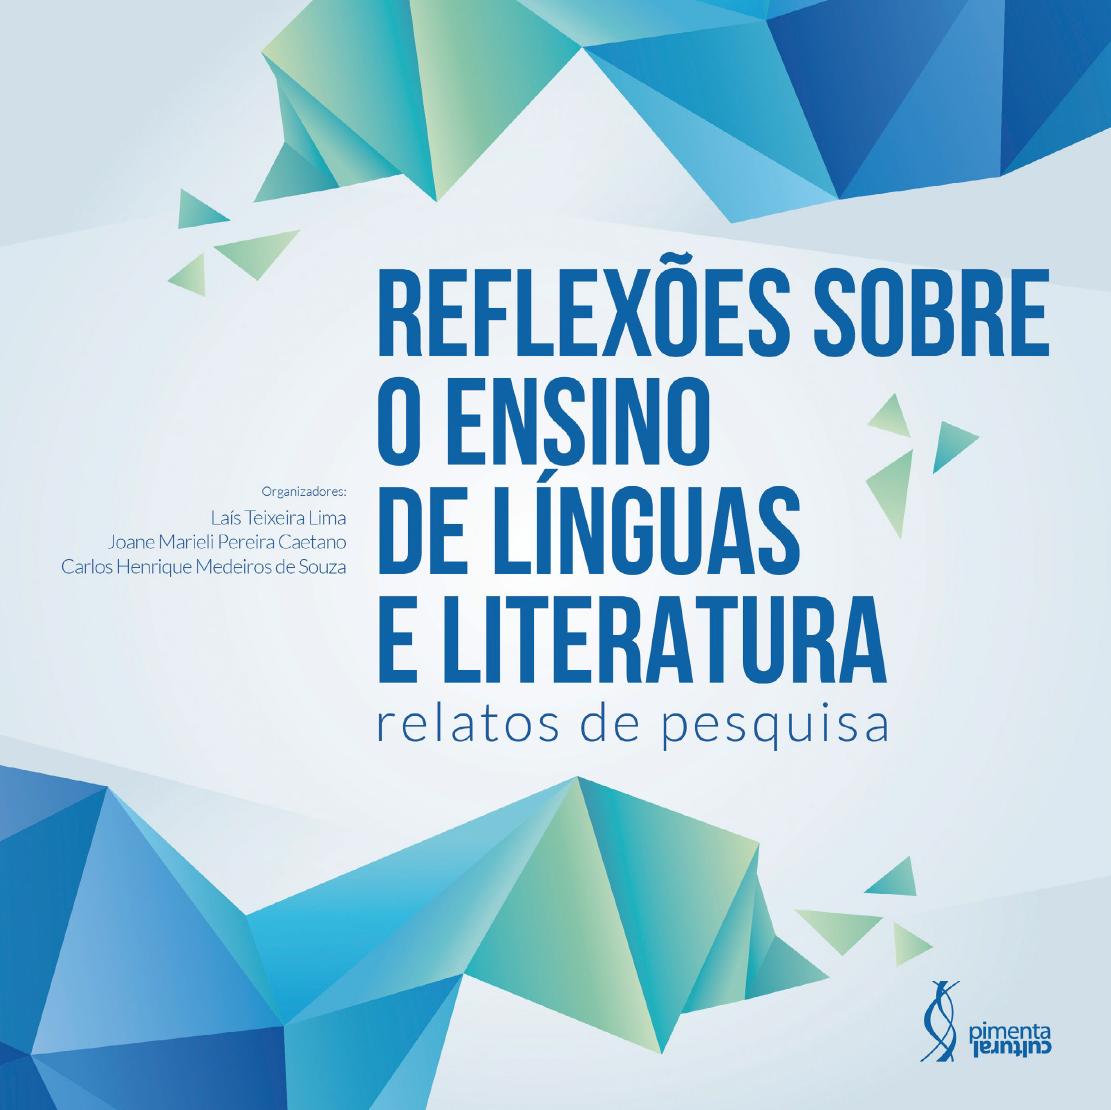 Reflexões sobre o ensino de línguas